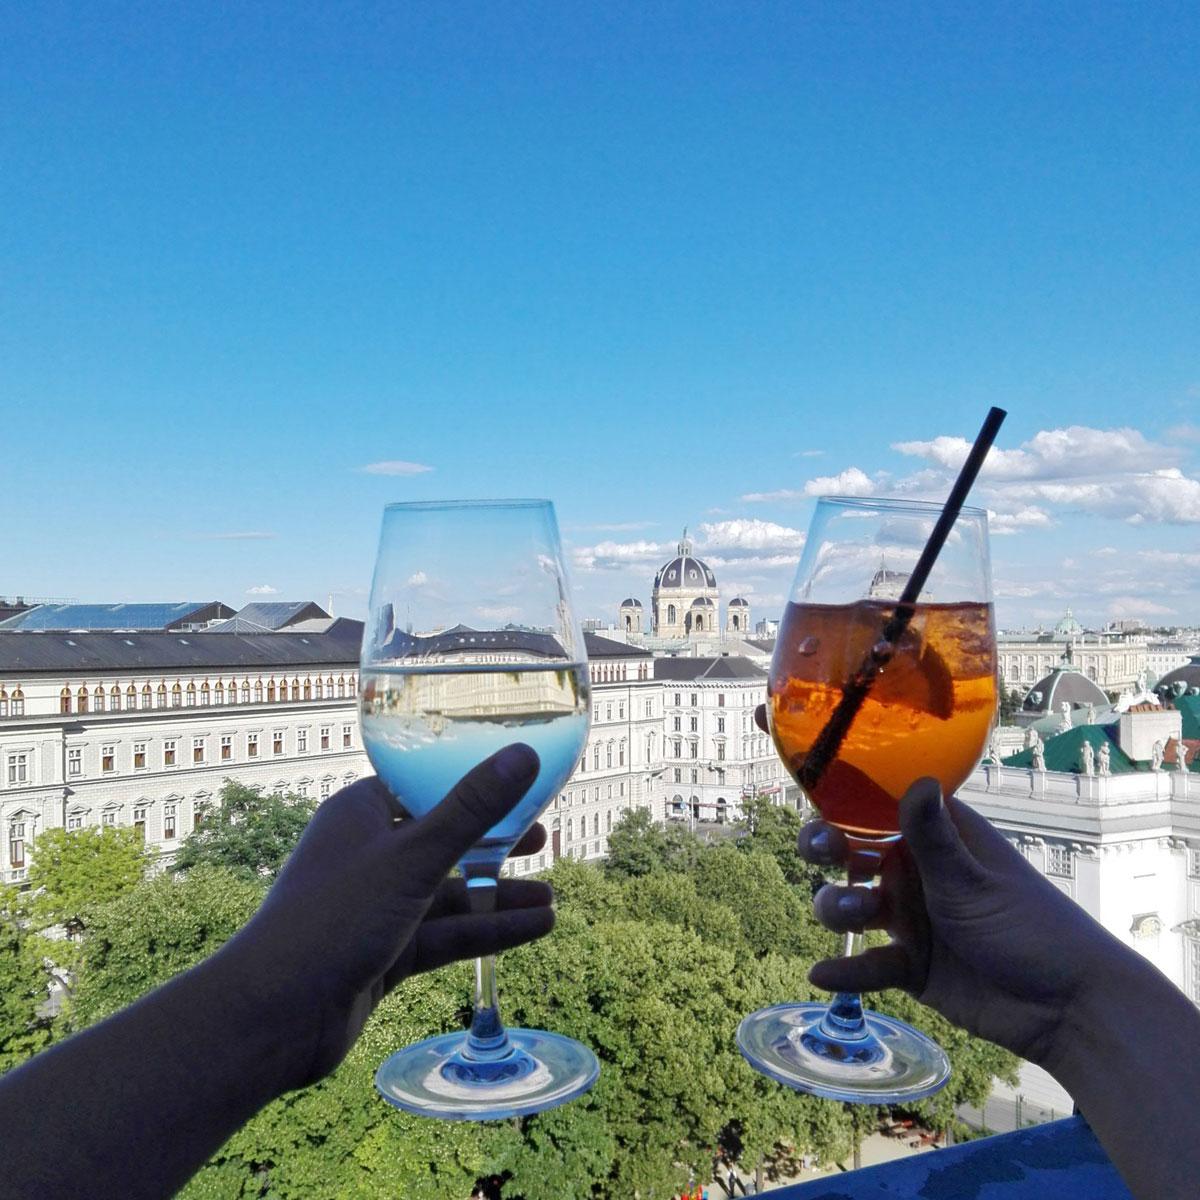 wien kurztrip 3 - Kurztrip in Wien - die wichtigsten Sehenswürdigkeiten der Stadt